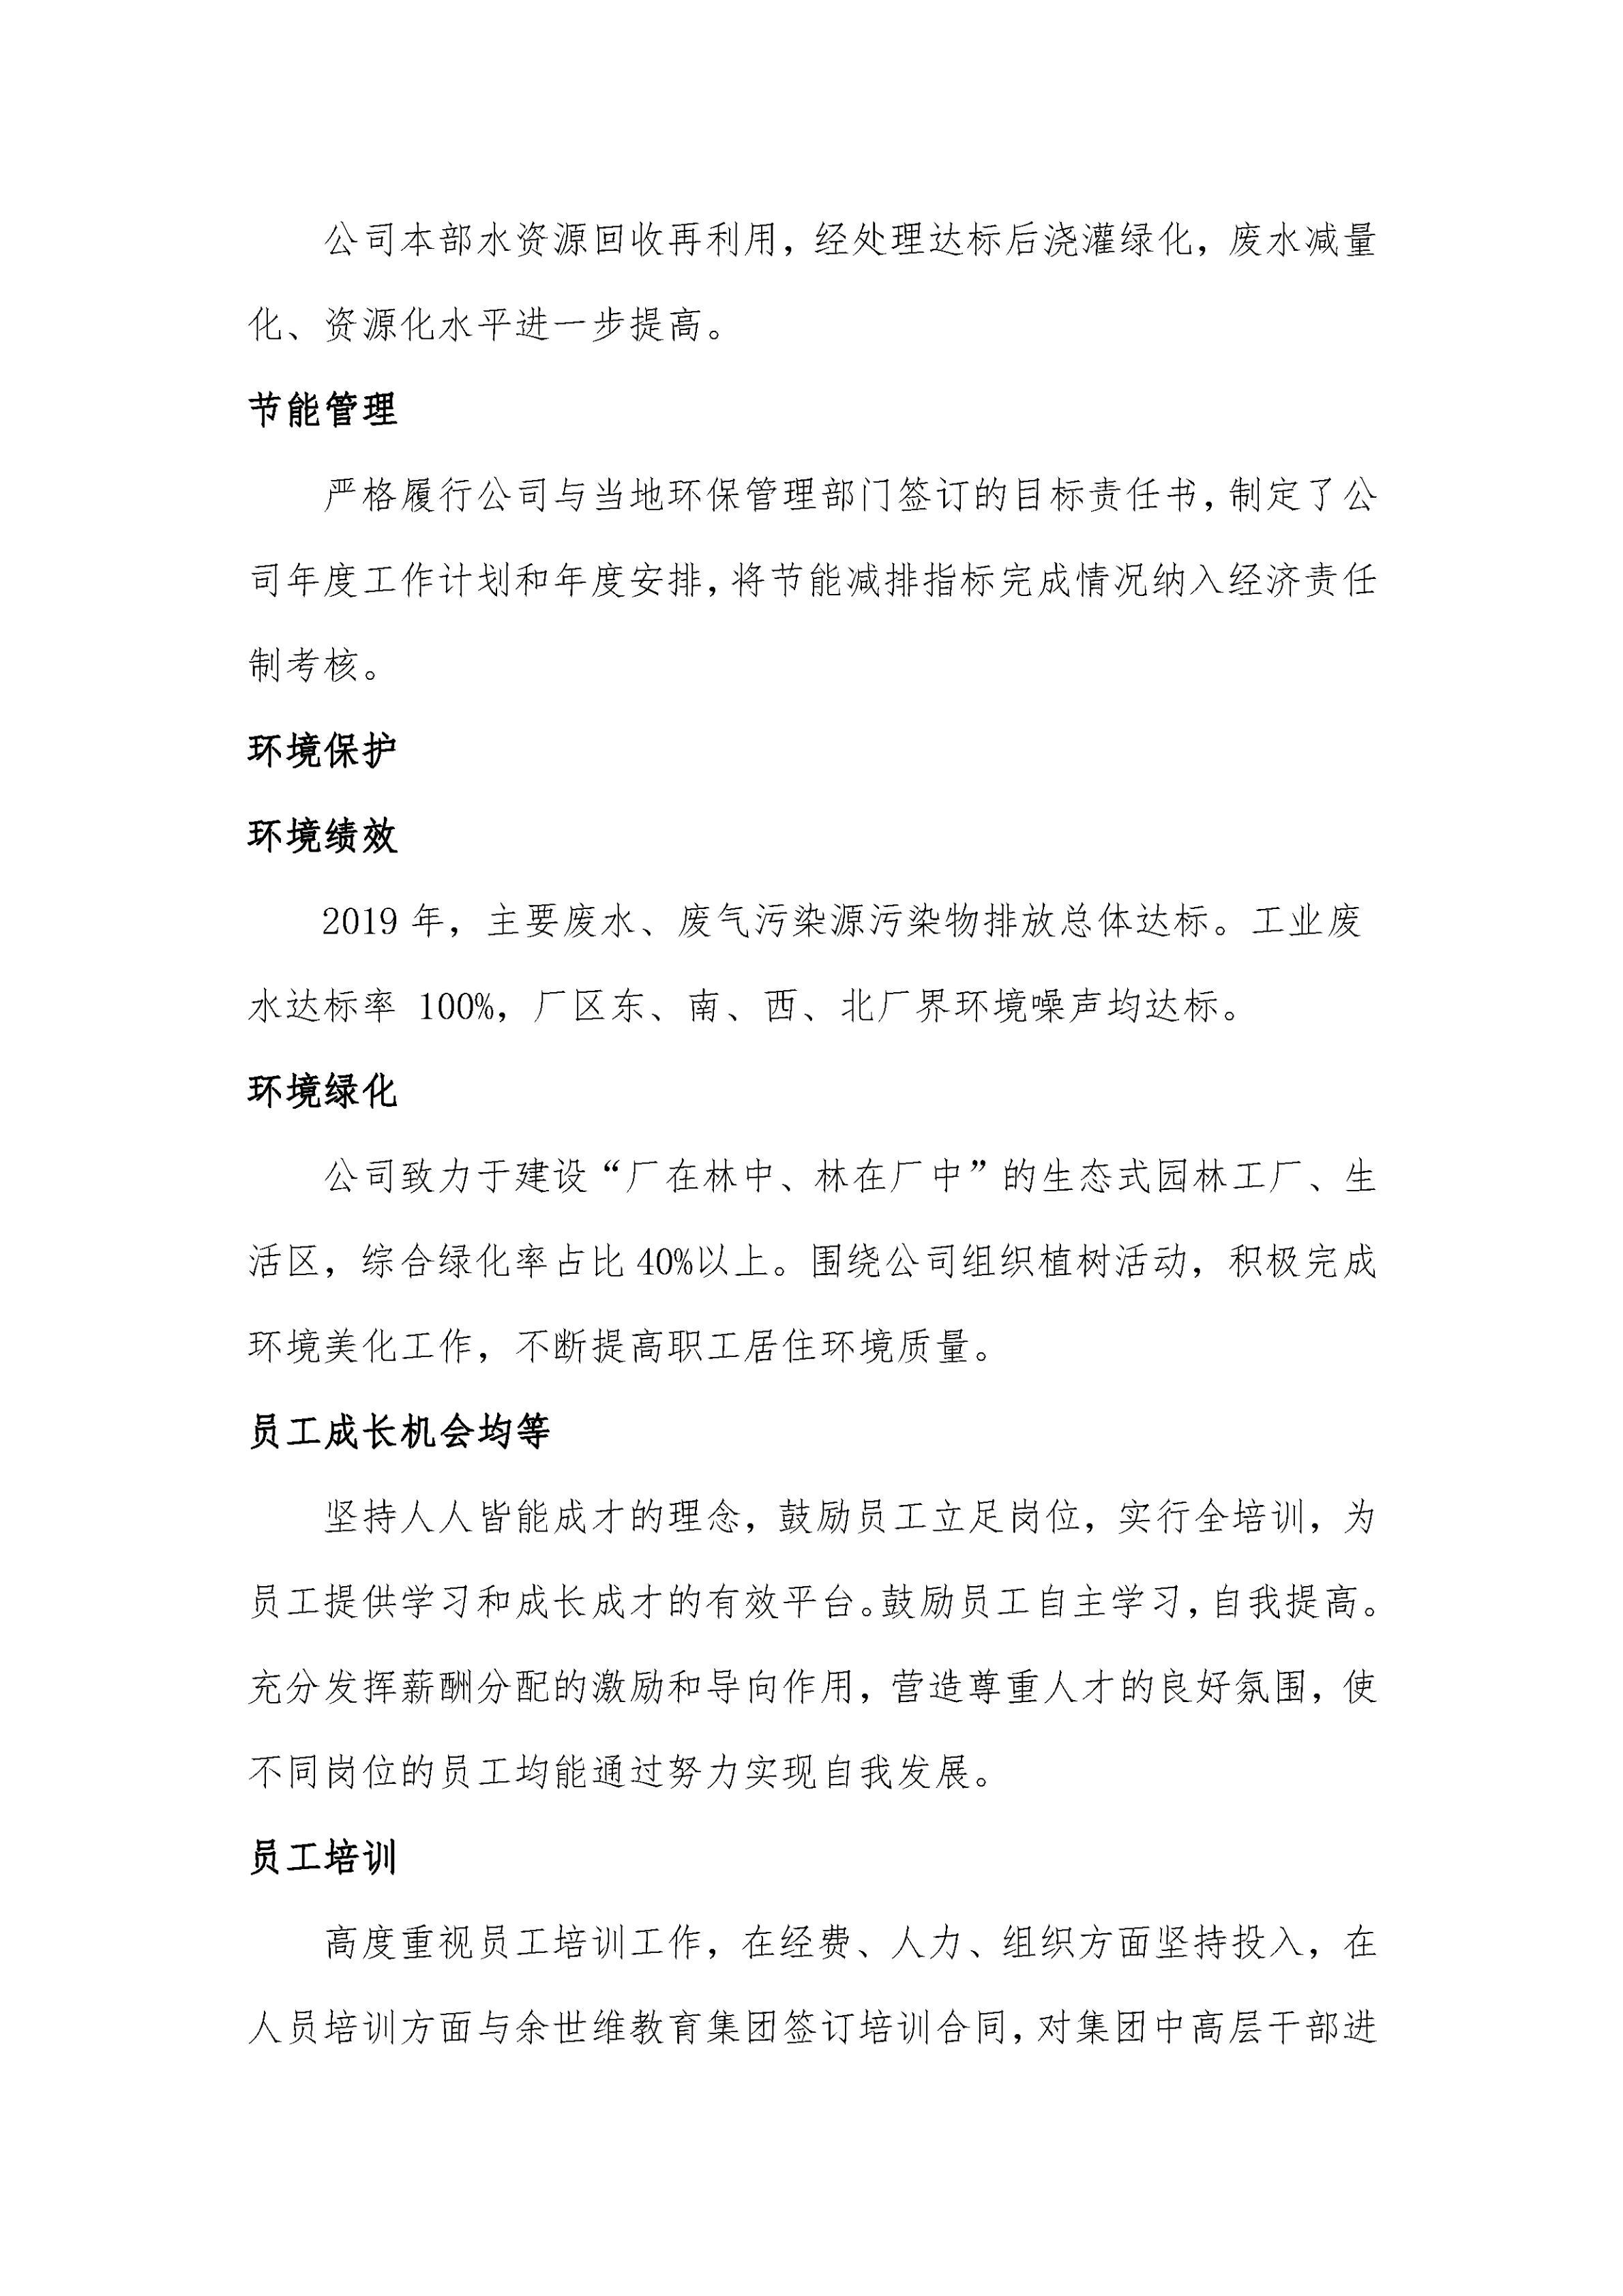 云南理世实业(集团)有限责任公司2019年社会责任报告.FR11_12.jpg